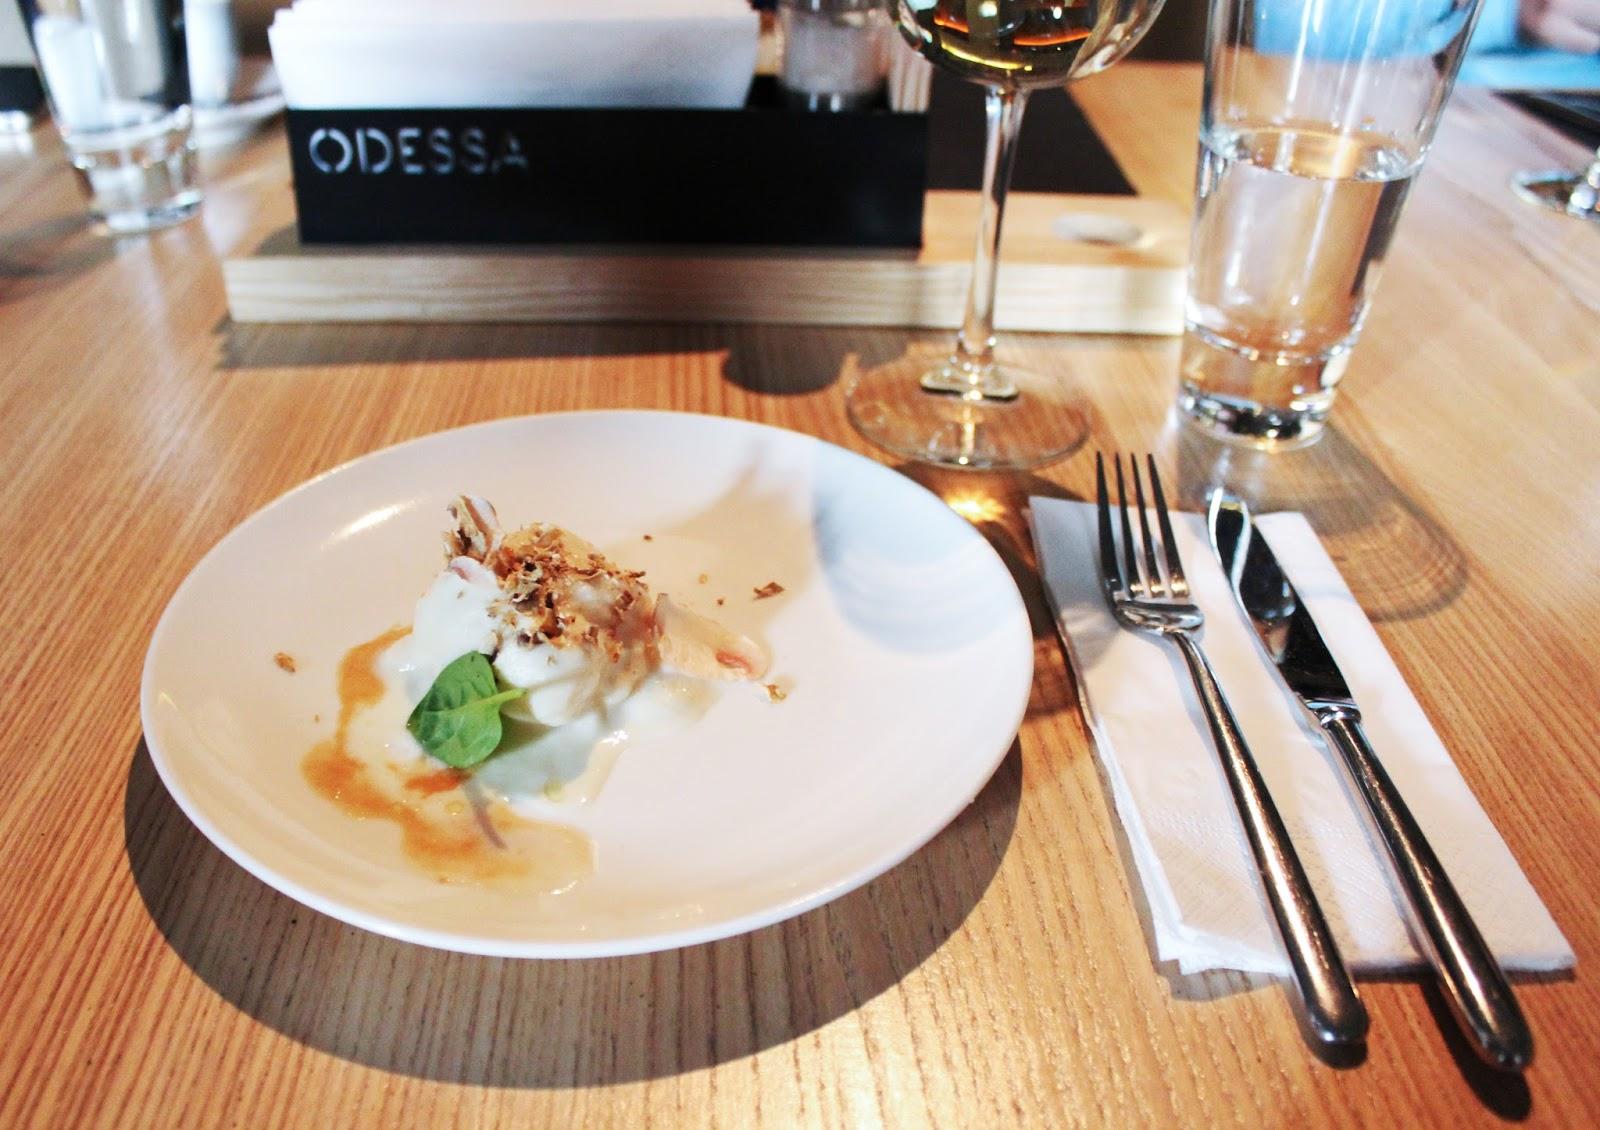 гастрономический сет от Юрия Приемского, Гребешок темпура с сельдереем и трюфелем, ресторан Одесса